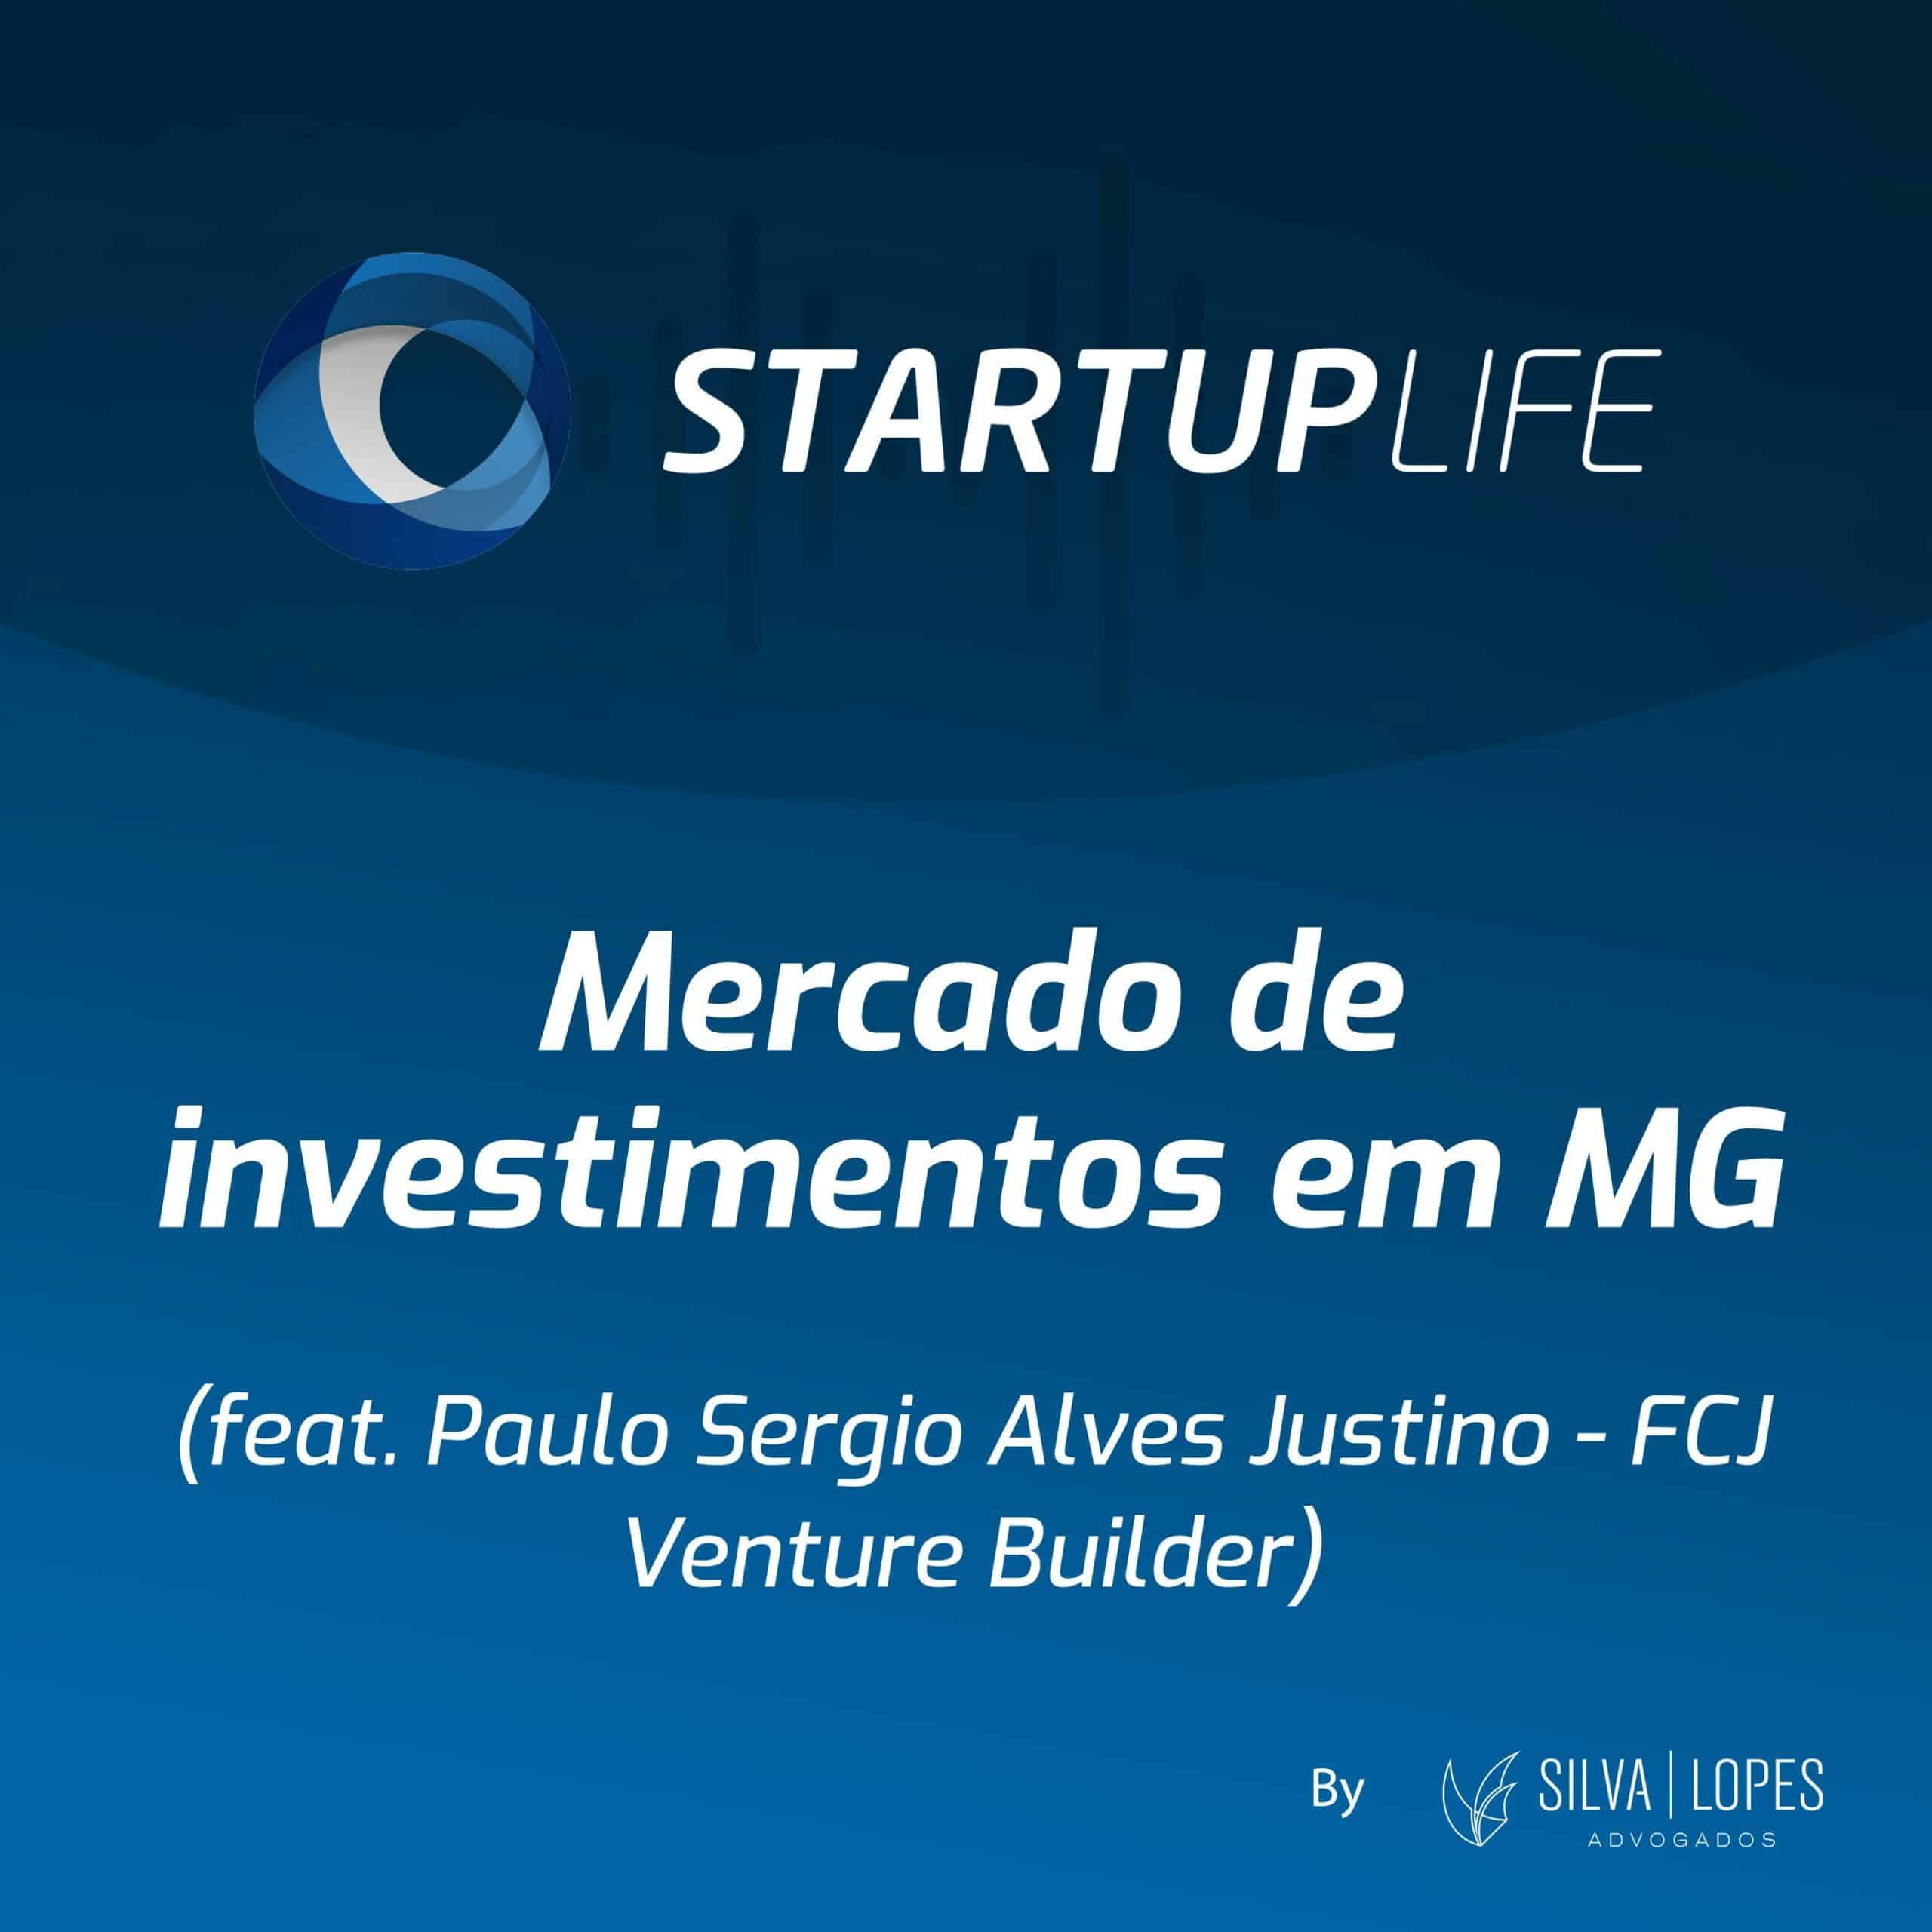 Mercado de investimentos em MG